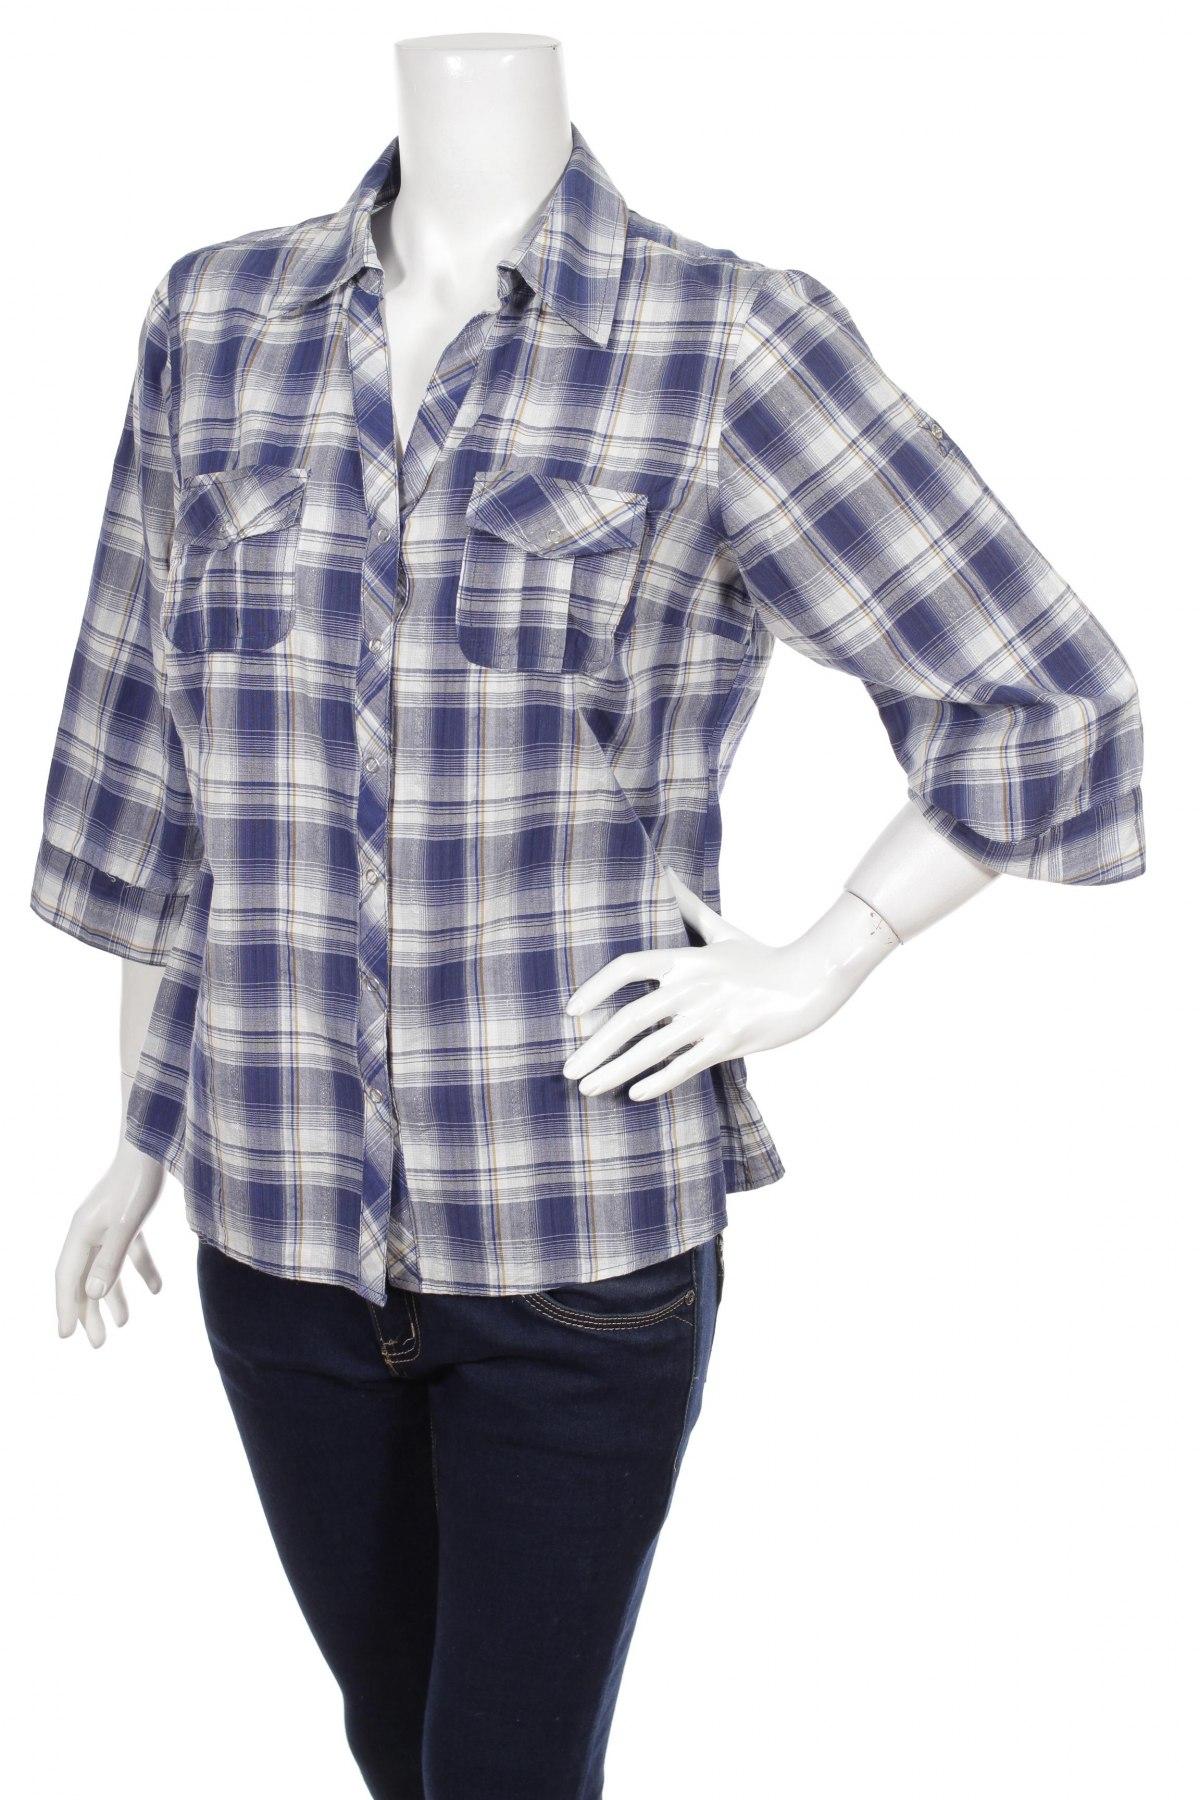 Γυναικείο πουκάμισο Visual, Μέγεθος L, Χρώμα Μπλέ, Βαμβάκι, Τιμή 17,94€